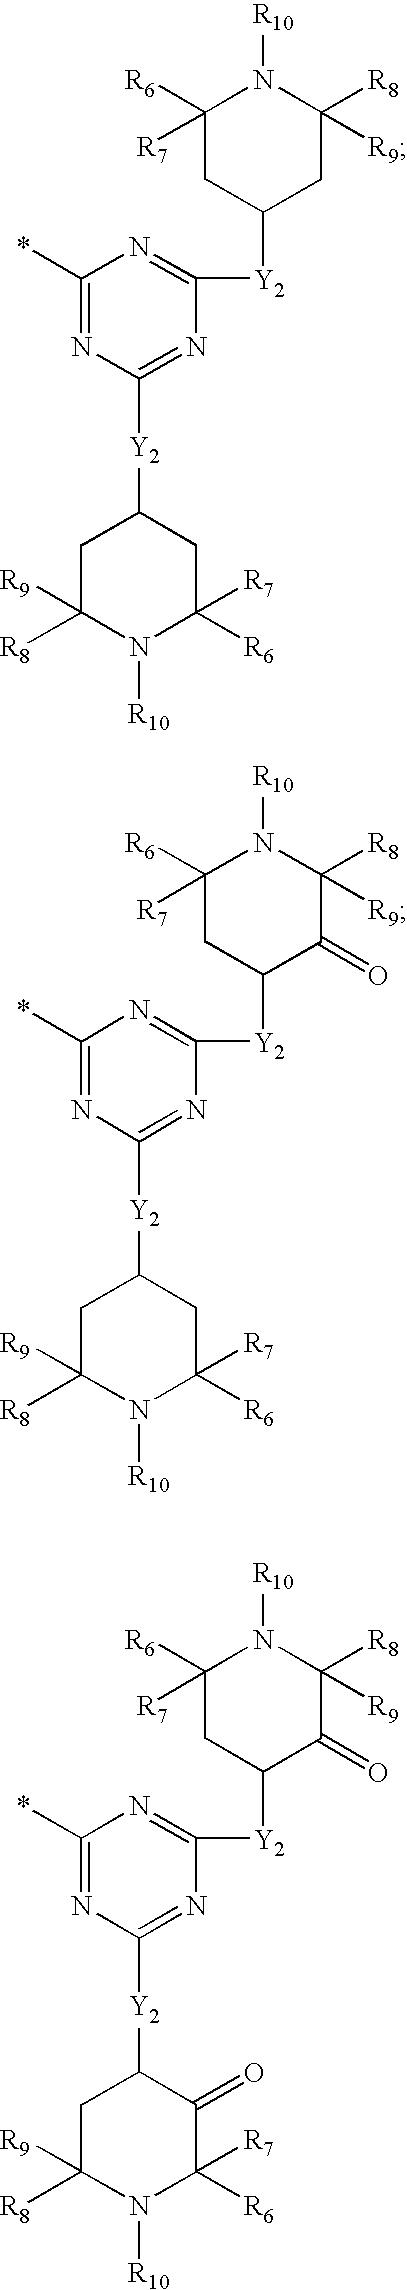 Figure US20040143041A1-20040722-C00015